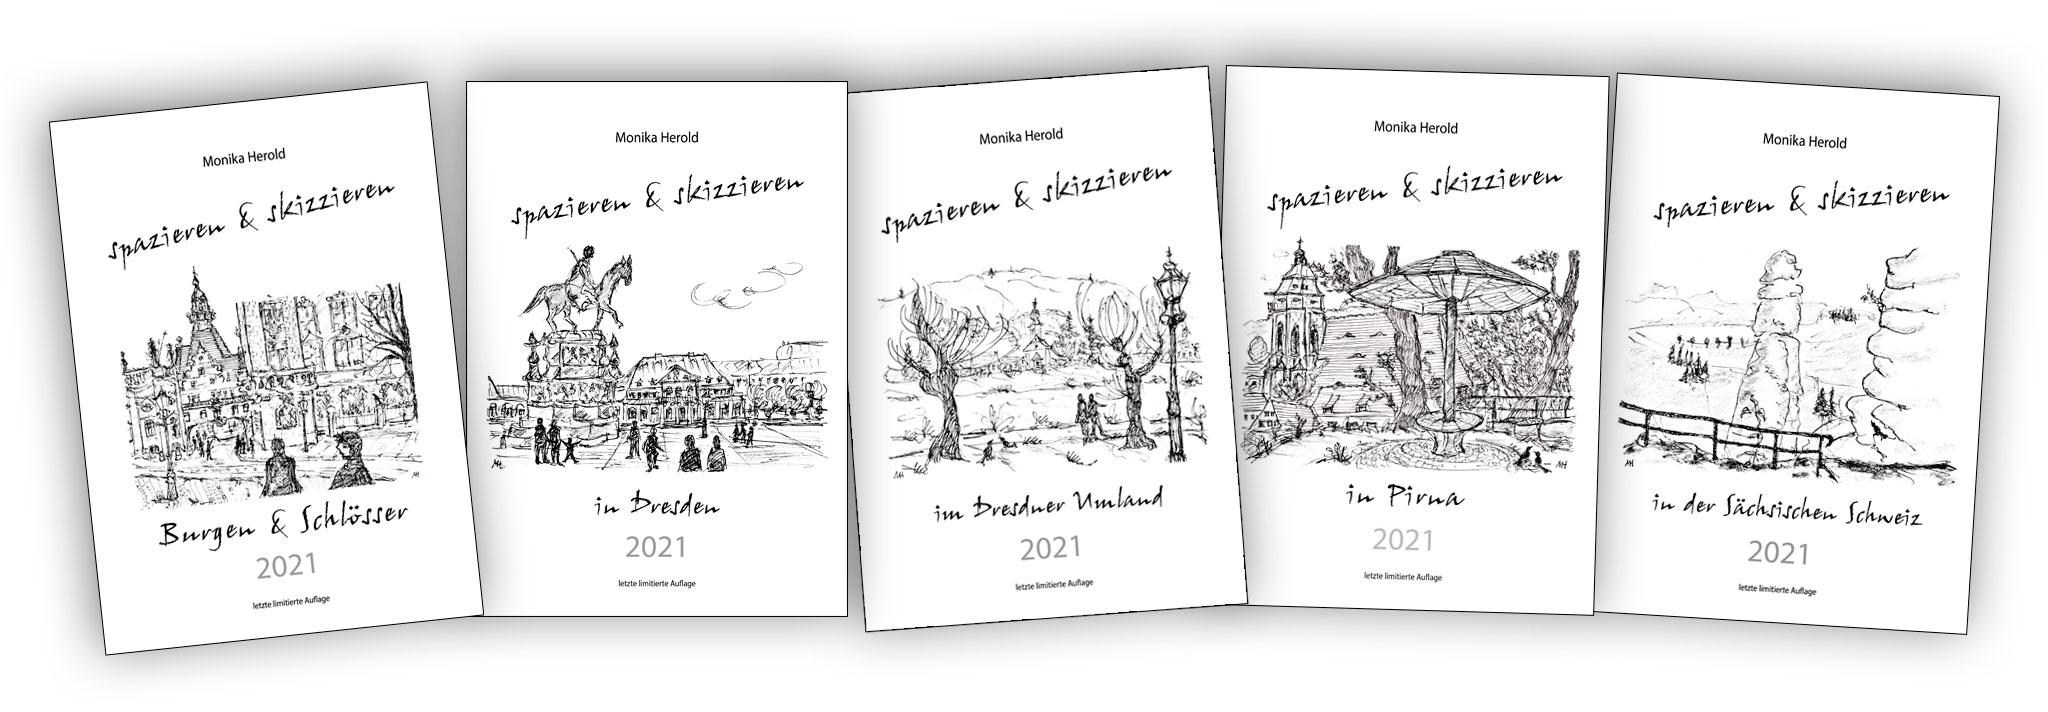 Skizzenkalender 2021, Dresden, Pirna, Sächsiche Schweiz, Burgen & Schlösser